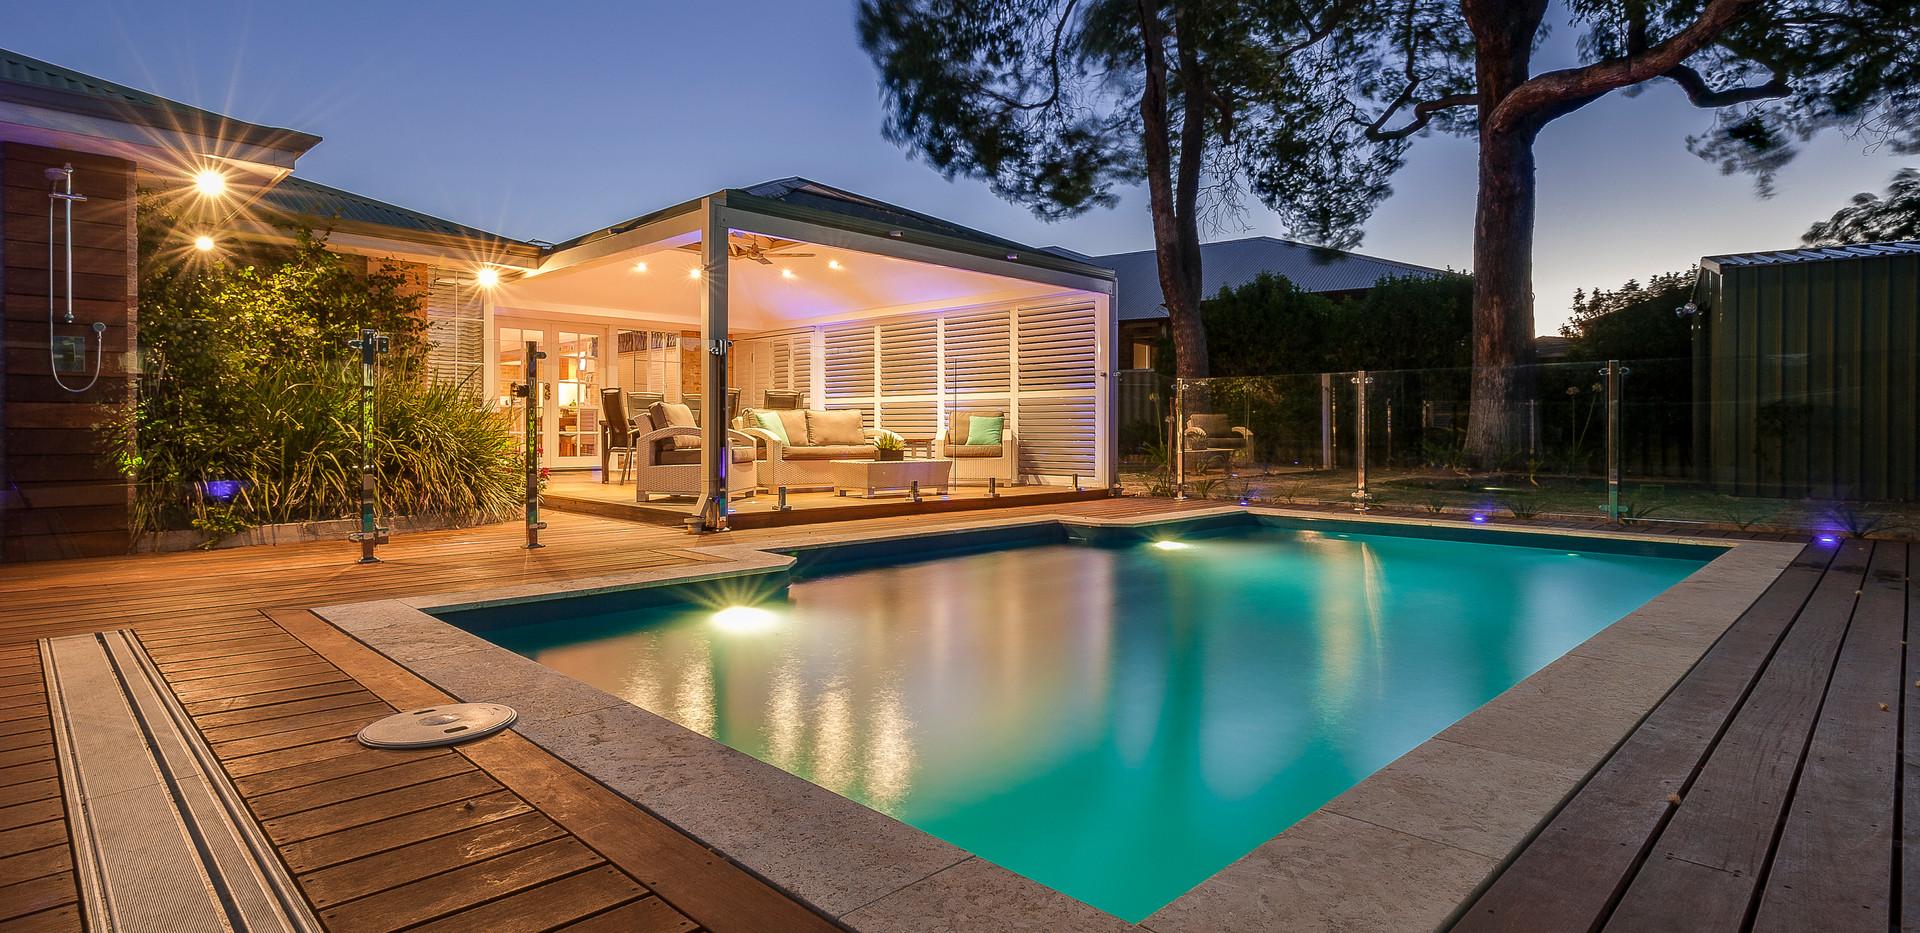 _Imperial Pool Greenwest Pools, Spas & L